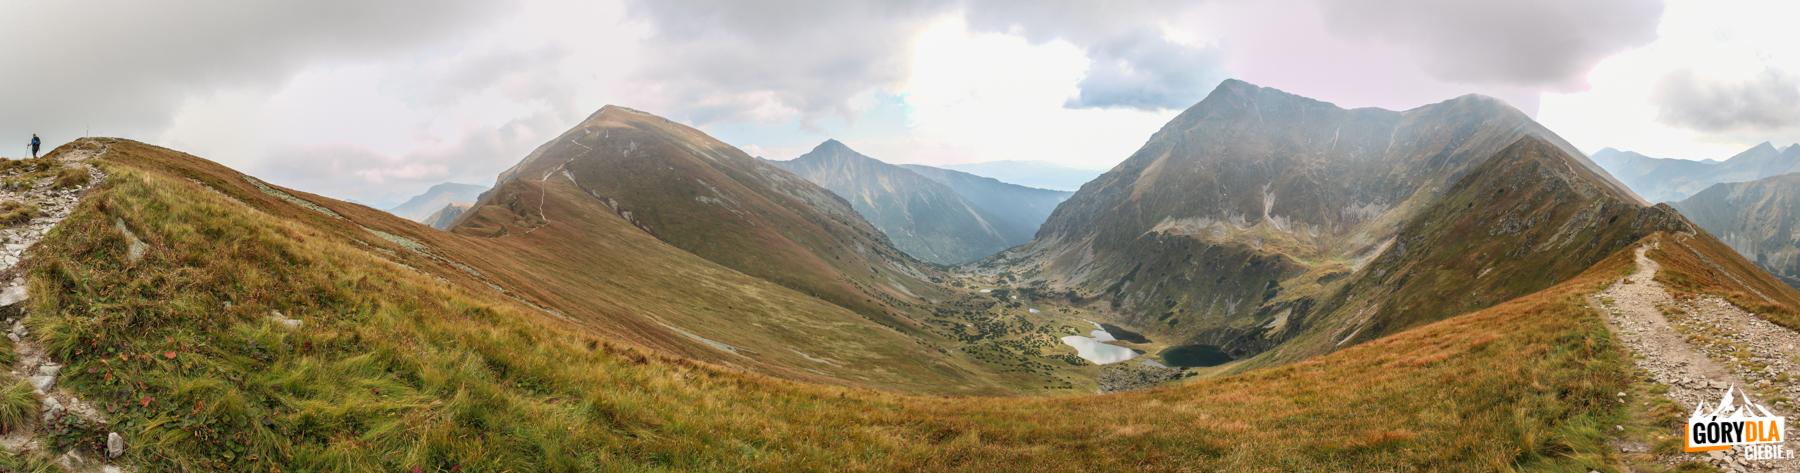 Widok z grani pomiędzy Kończystym Wierchem (2002 m), a Jarząbczym Wierchem (2137 m) na otoczenie Zadniej Raczkowej Doliny